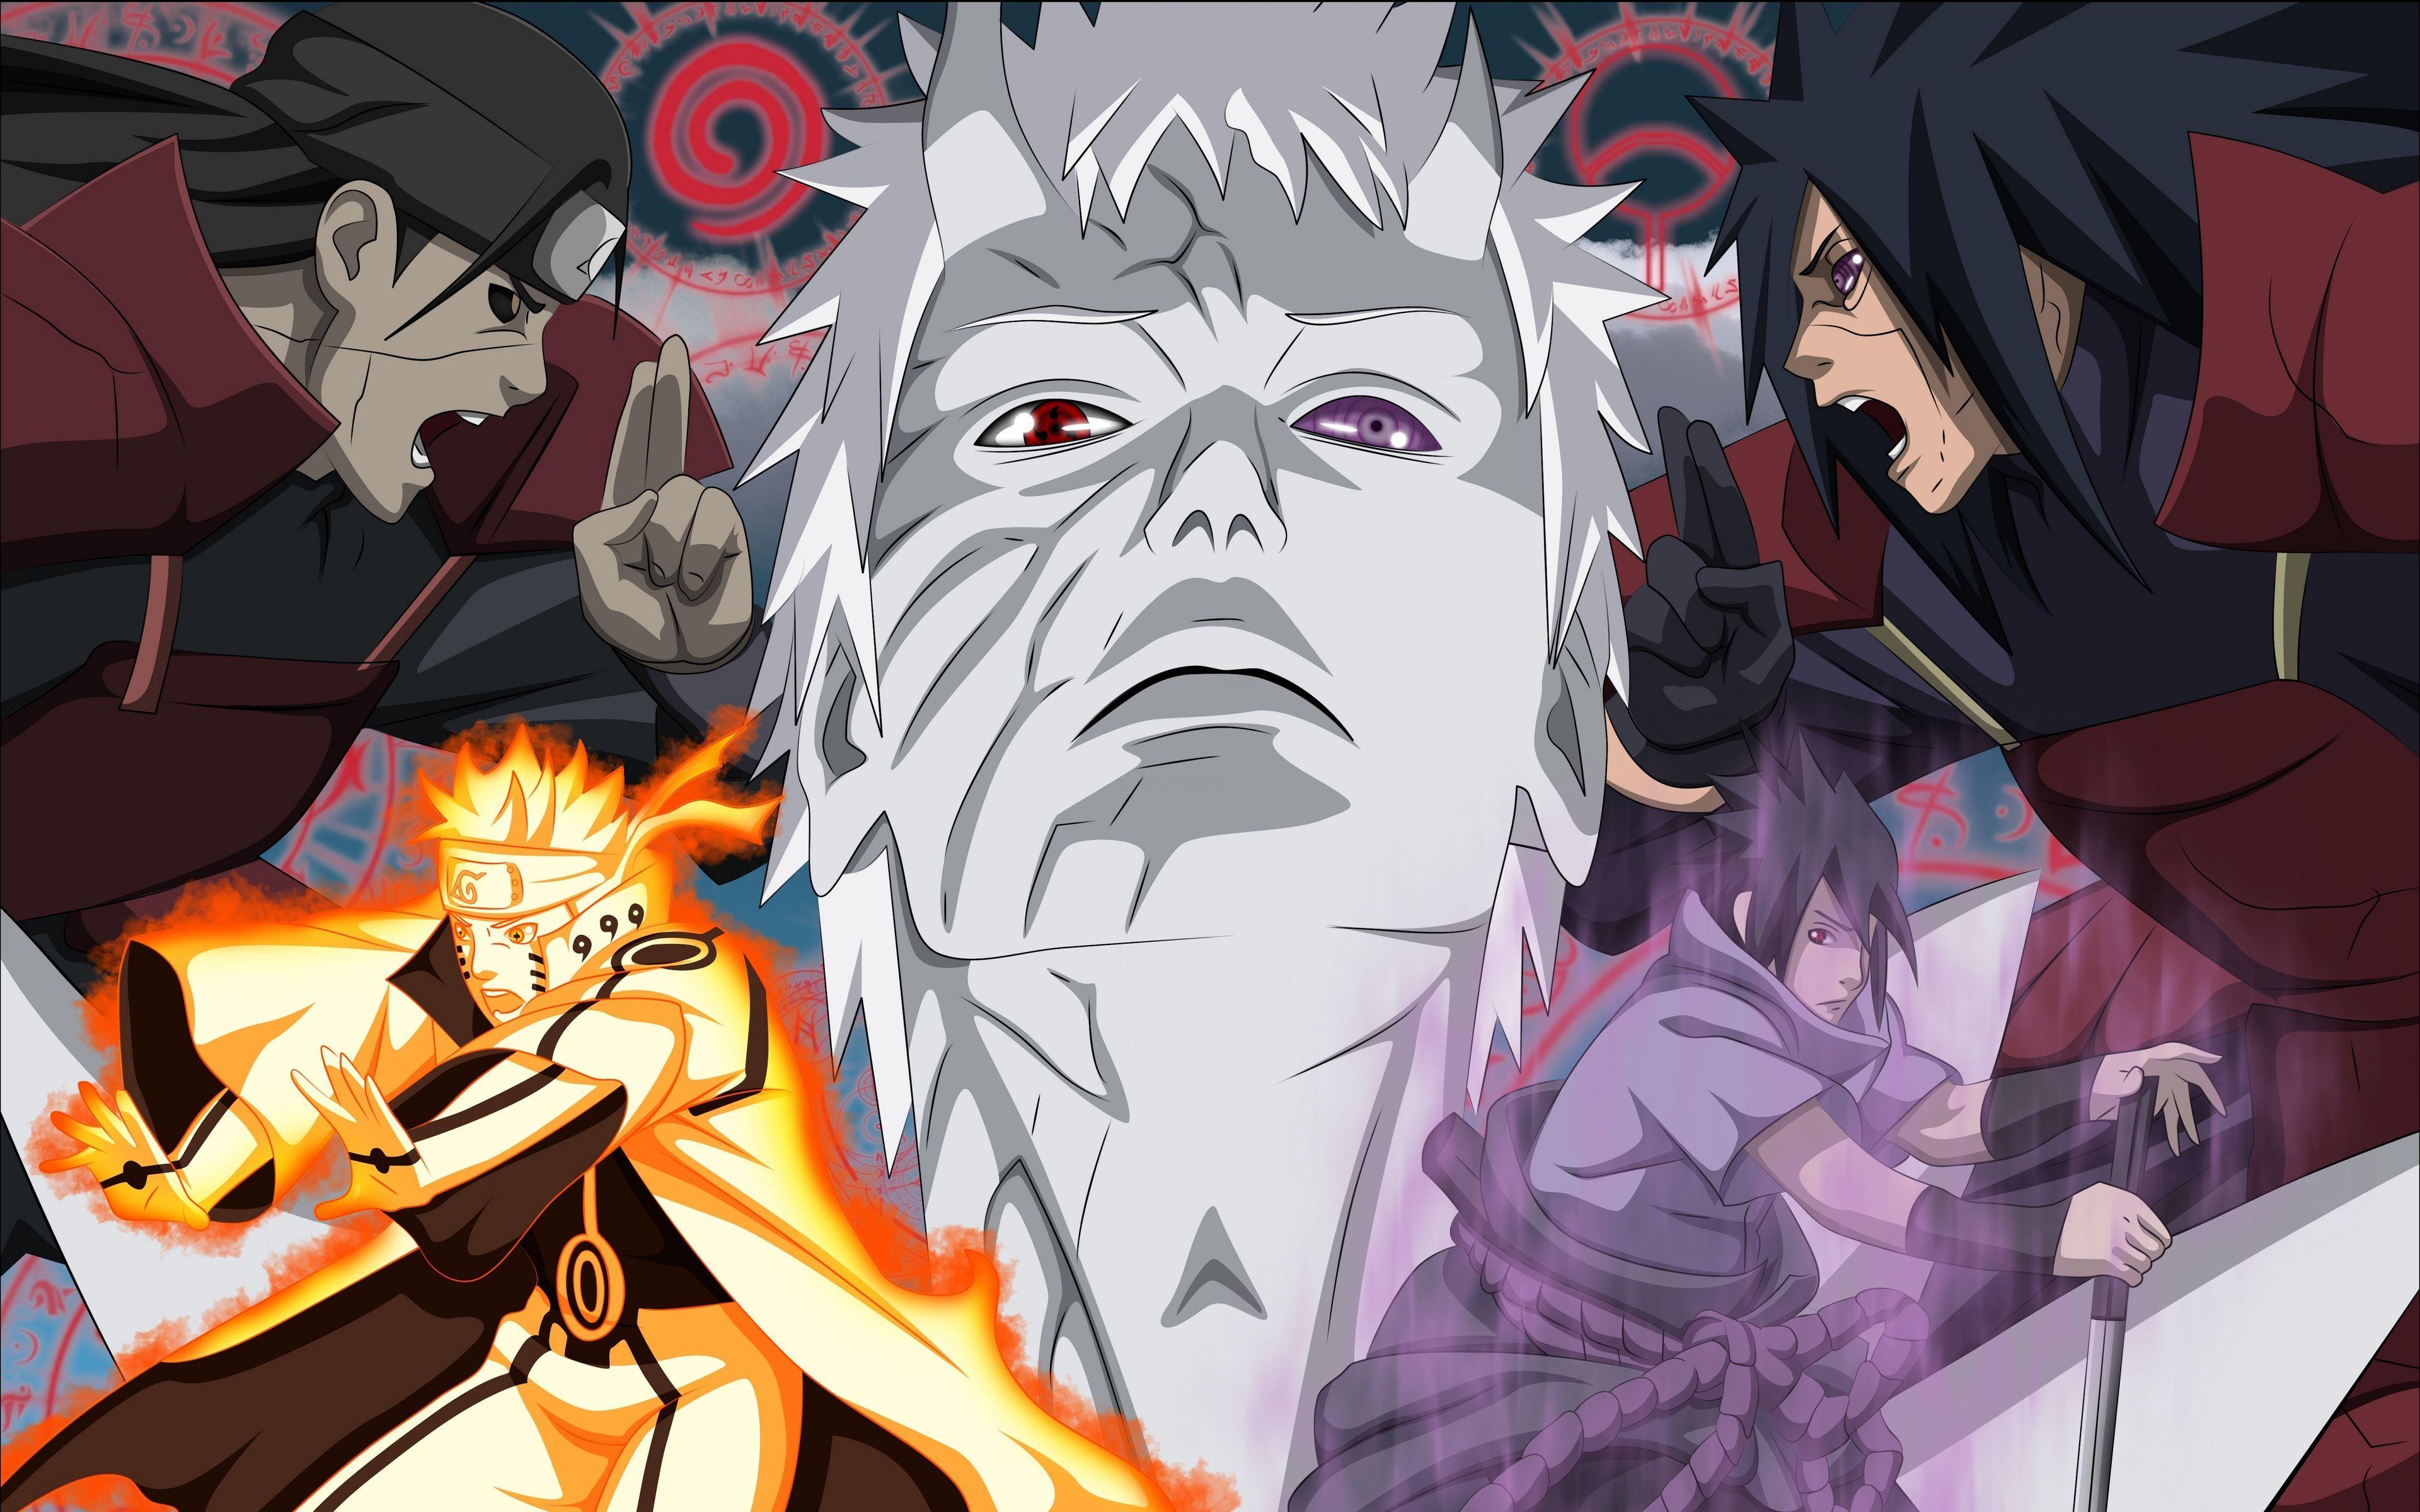 3840x2400 Tải xuống hình nền 3840x2400 Madara uchiha, Naruto anime, obito